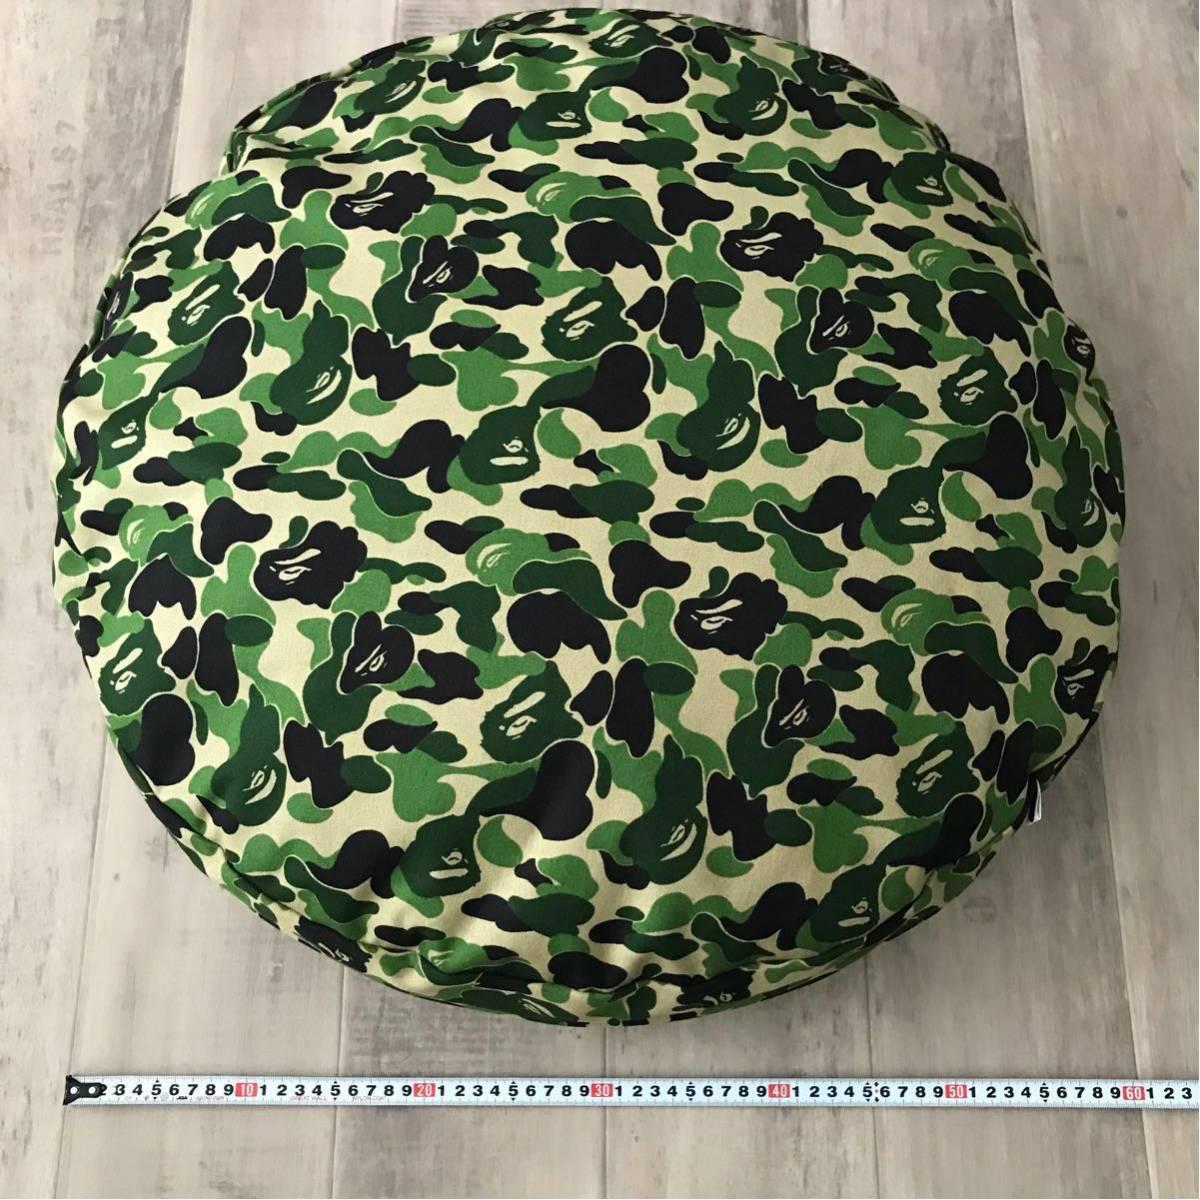 ★新品★ ABC camo green big cushion a bathing ape BAPE ビッグ クッション dog bed ABCカモ エイプ ベイプ アベイシングエイプ 迷彩